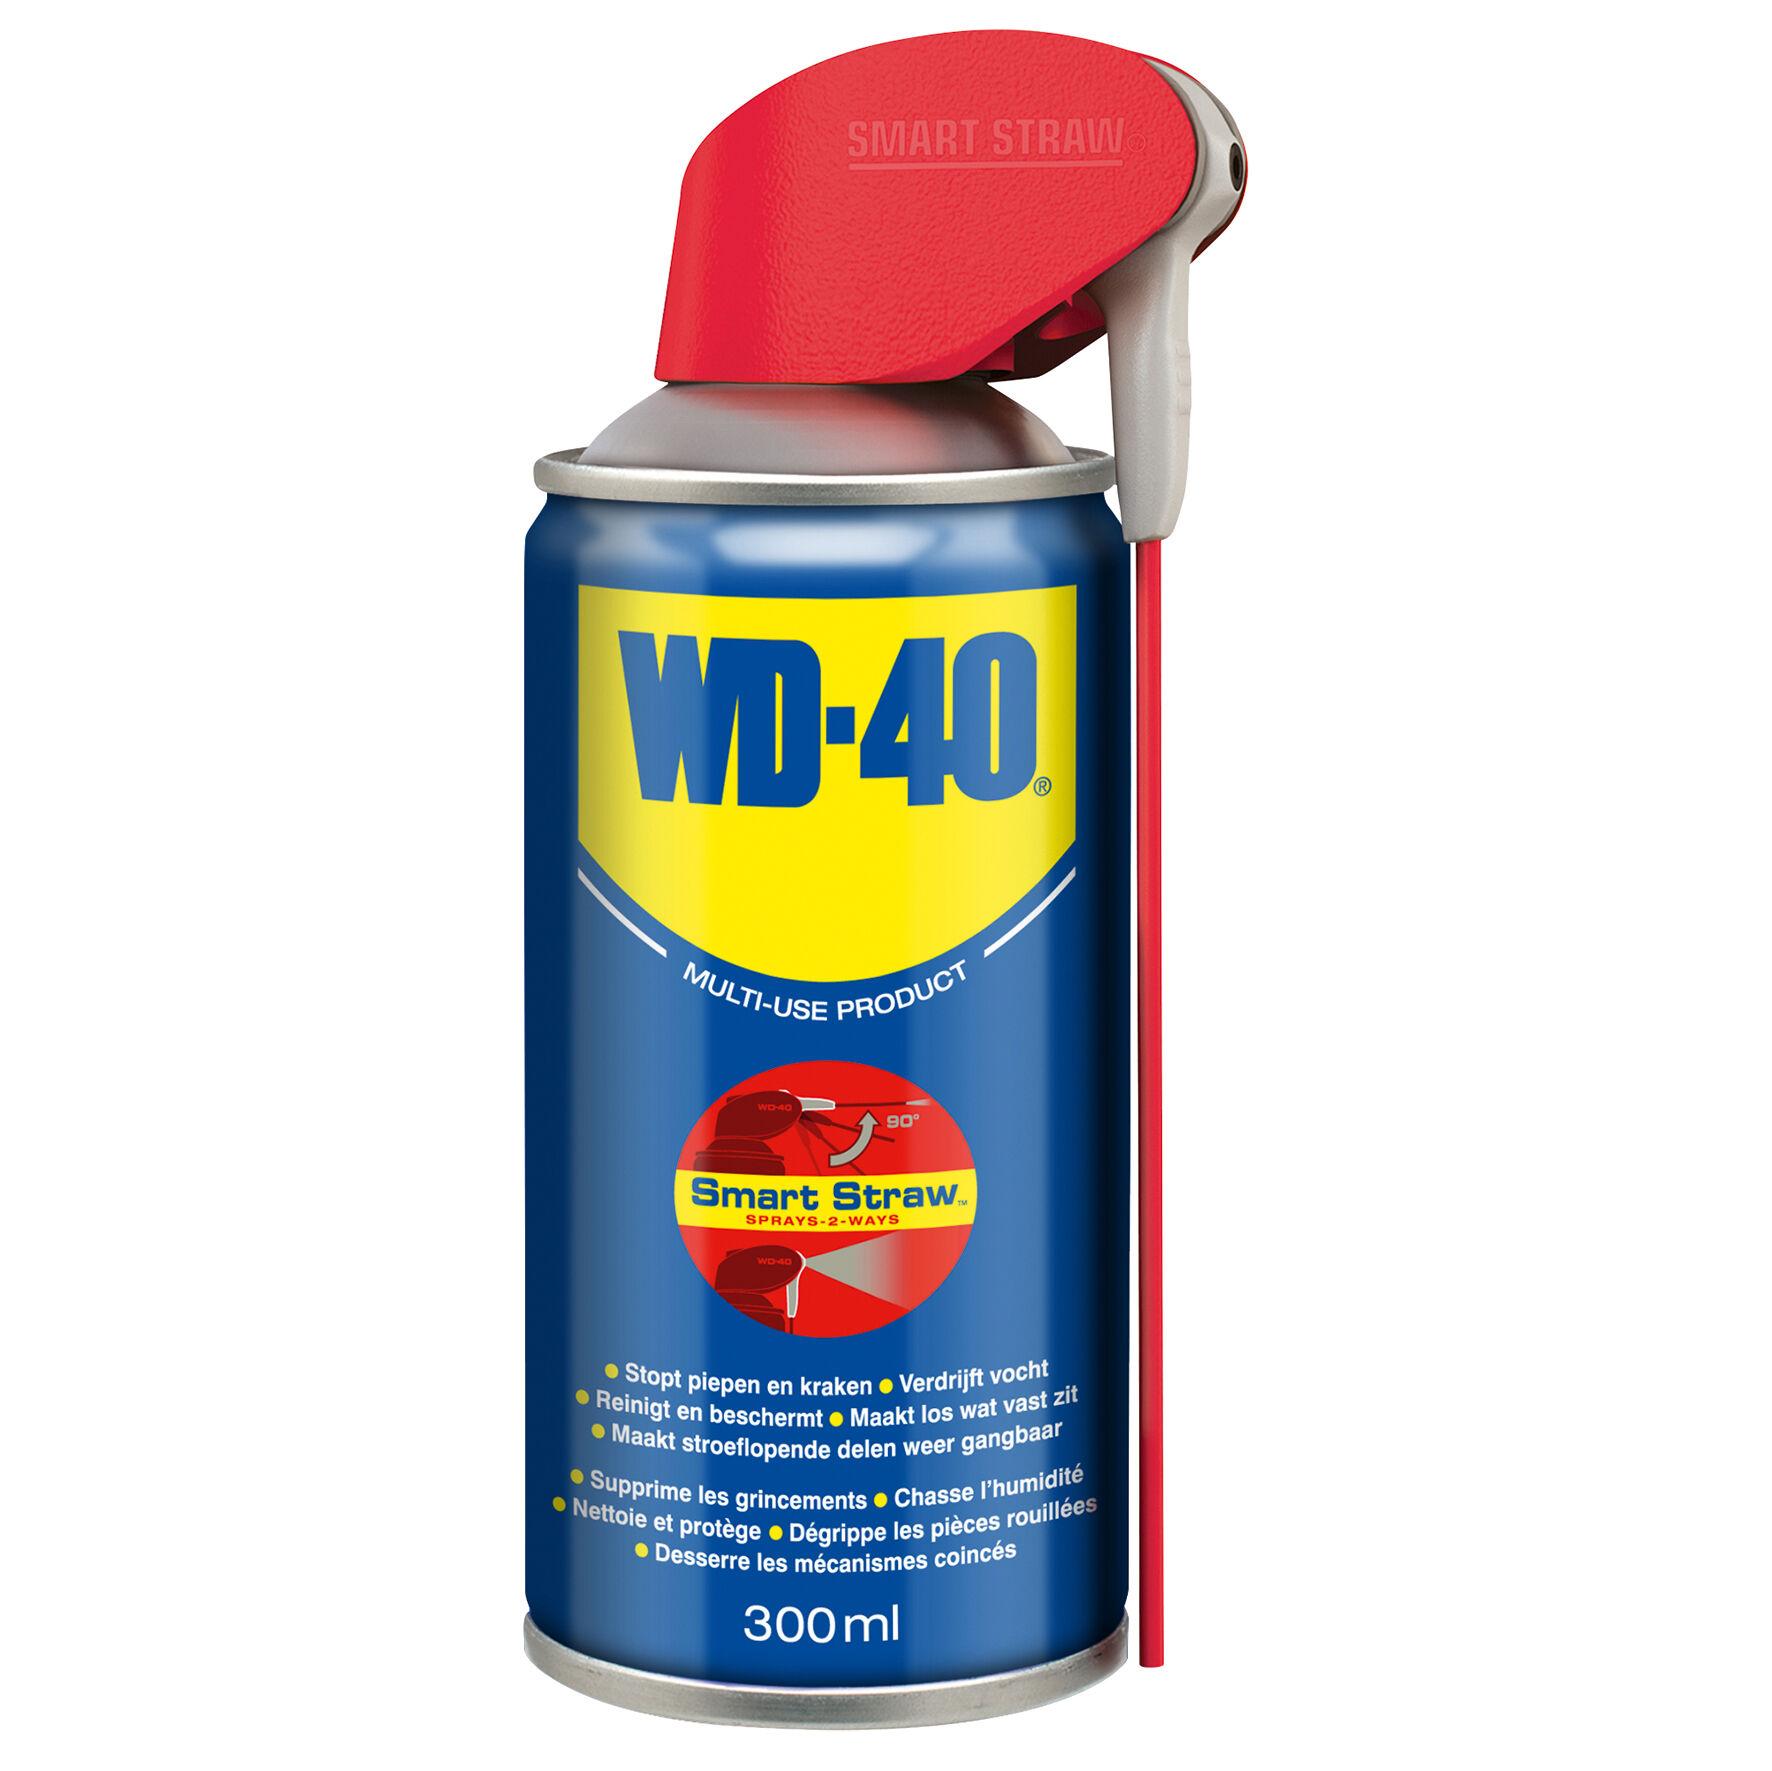 WD40 WD-40 Smart Straw 300ml